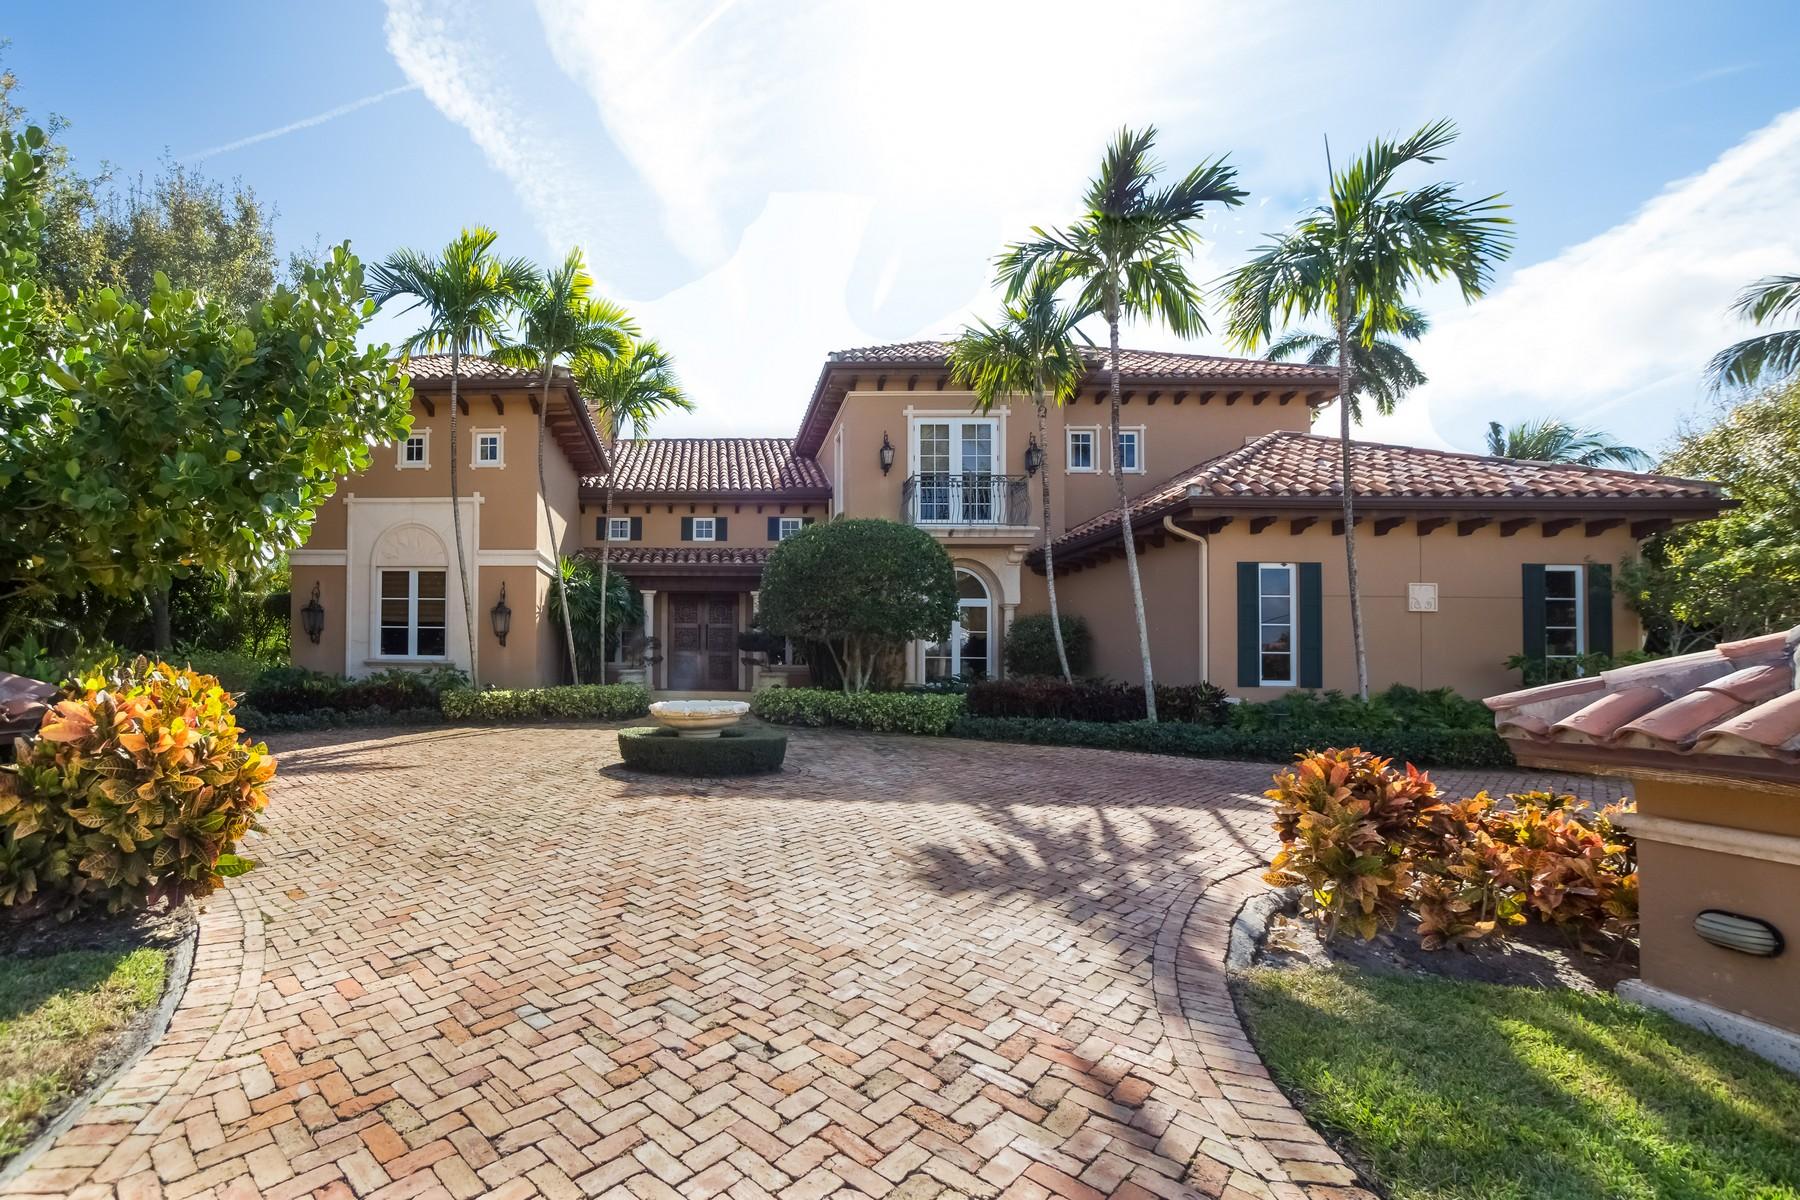 Casa para uma família para Venda às 100 Churchill Way , Manalapan, FL 33462 100 Churchill Way Manalapan, Florida 33462 Estados Unidos